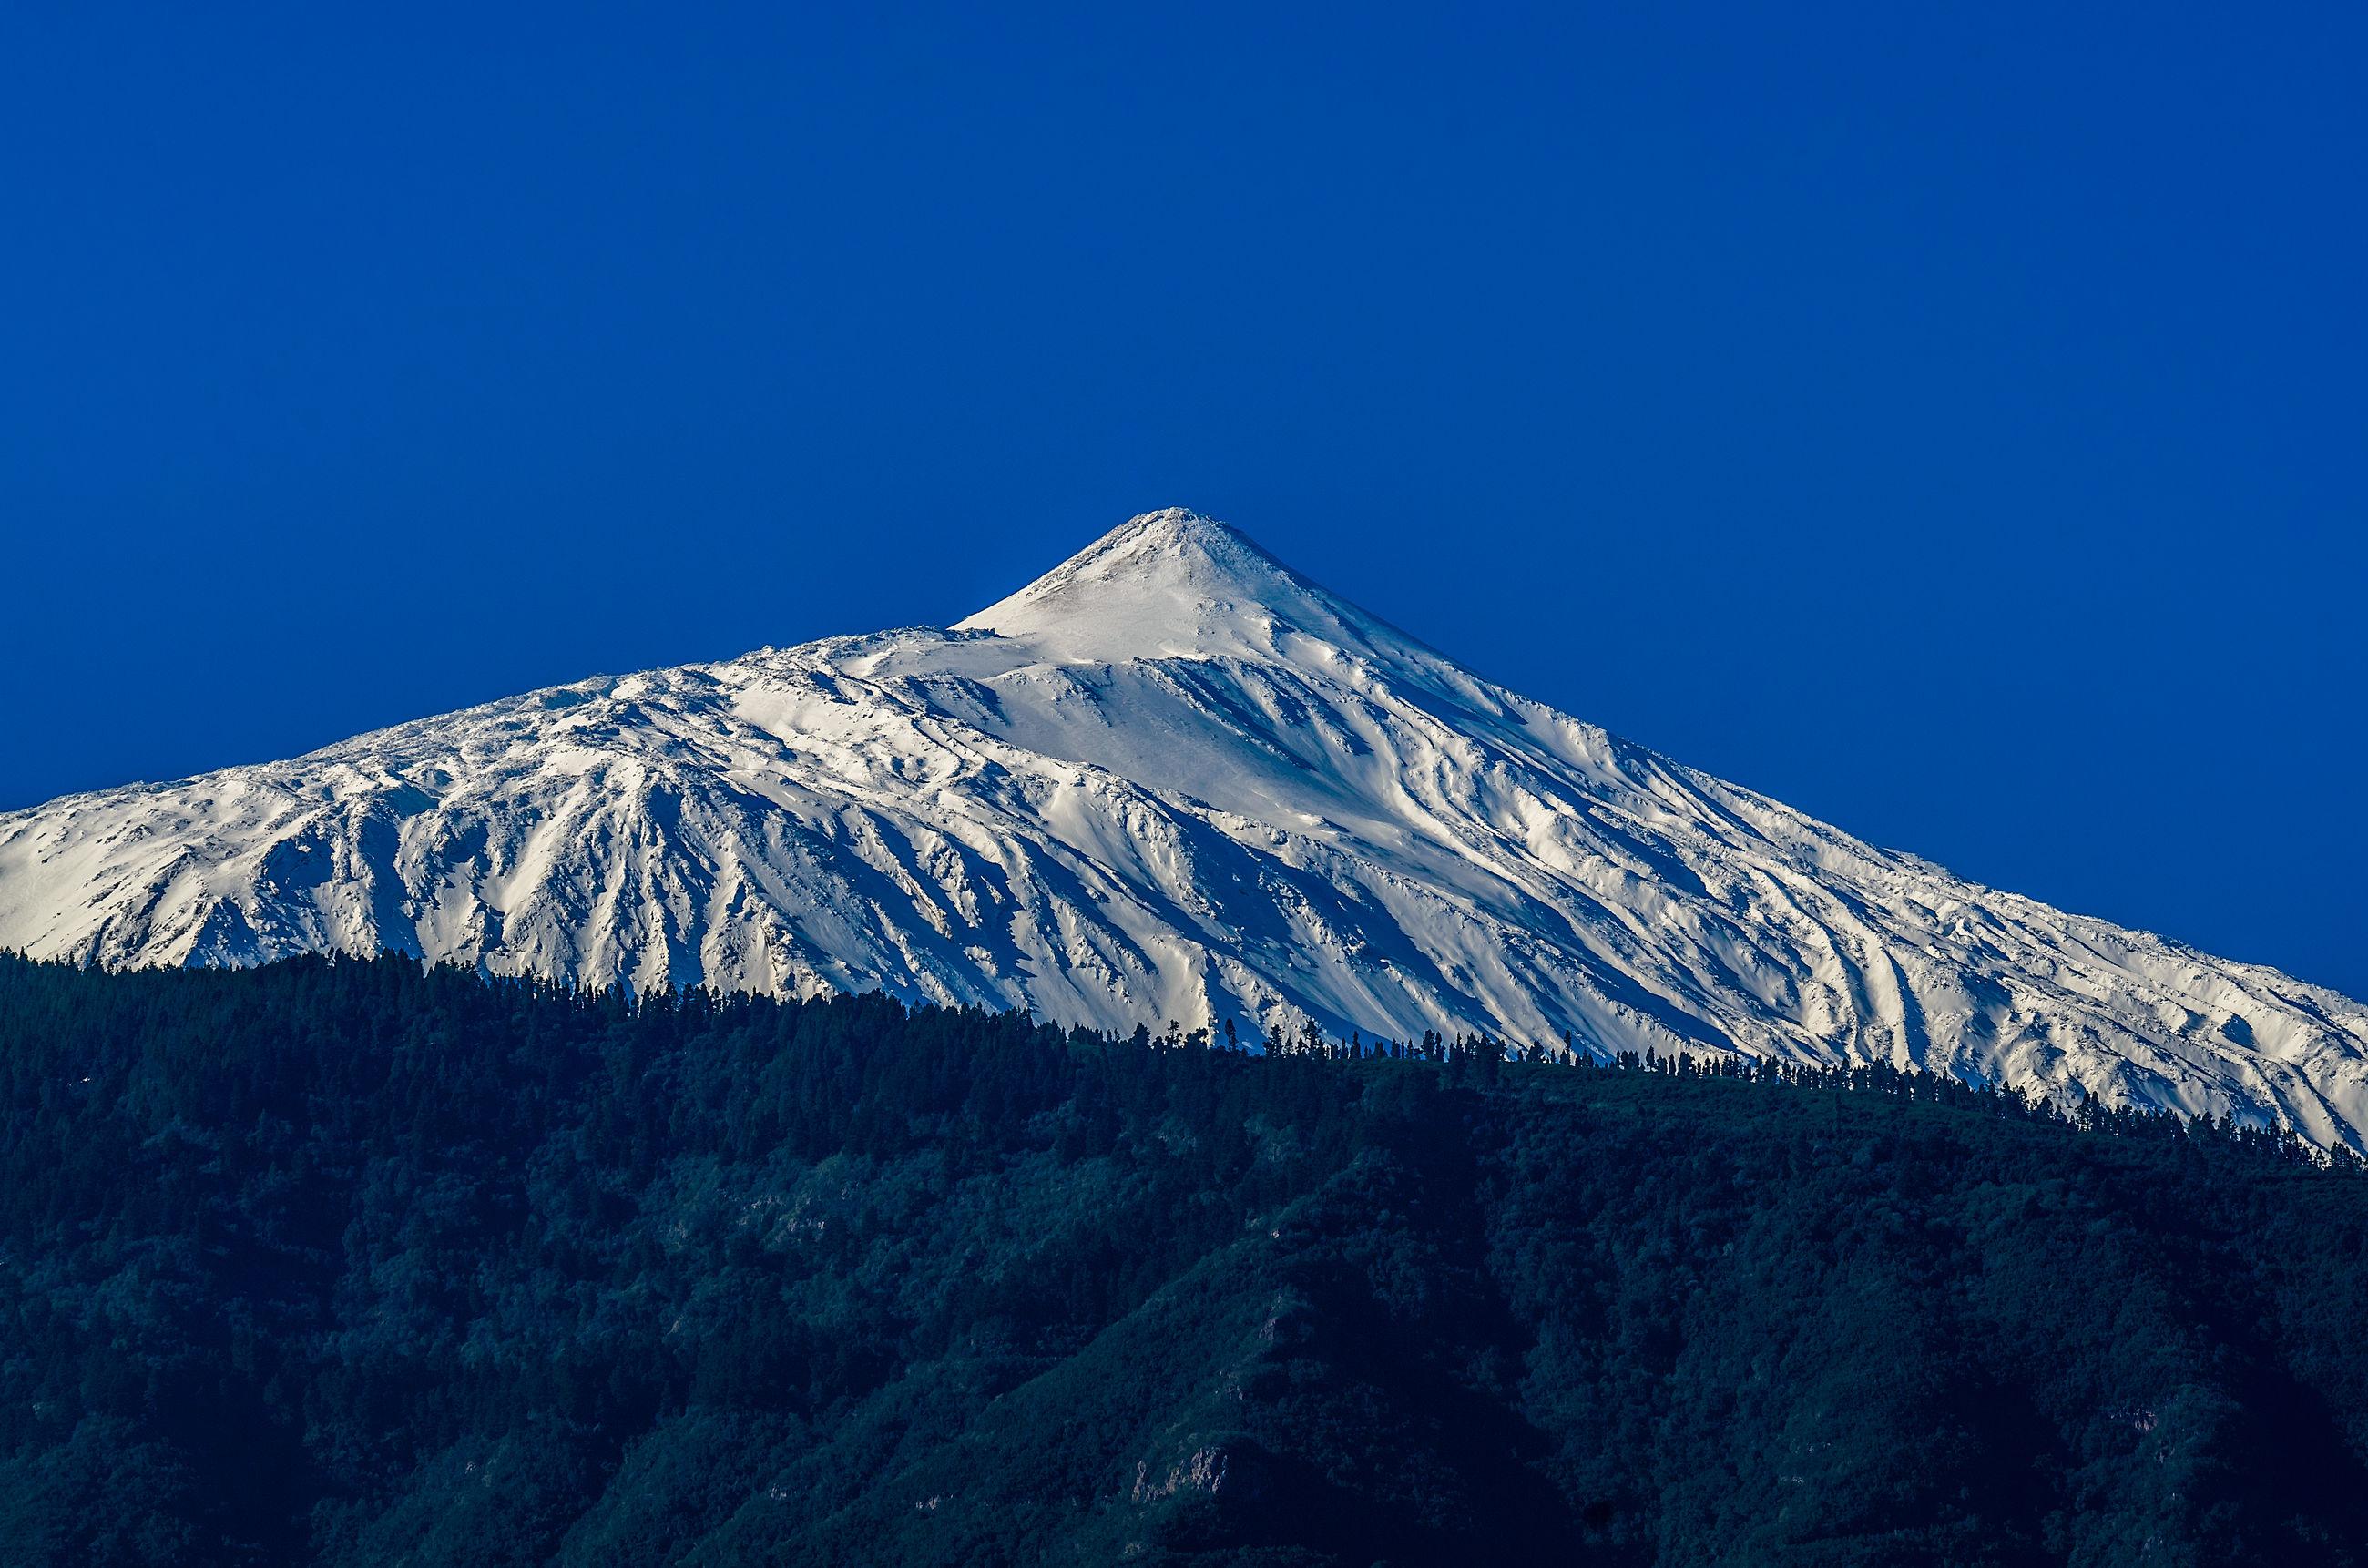 SNOWCAPPED MOUNTAIN RANGE AGAINST BLUE SKY